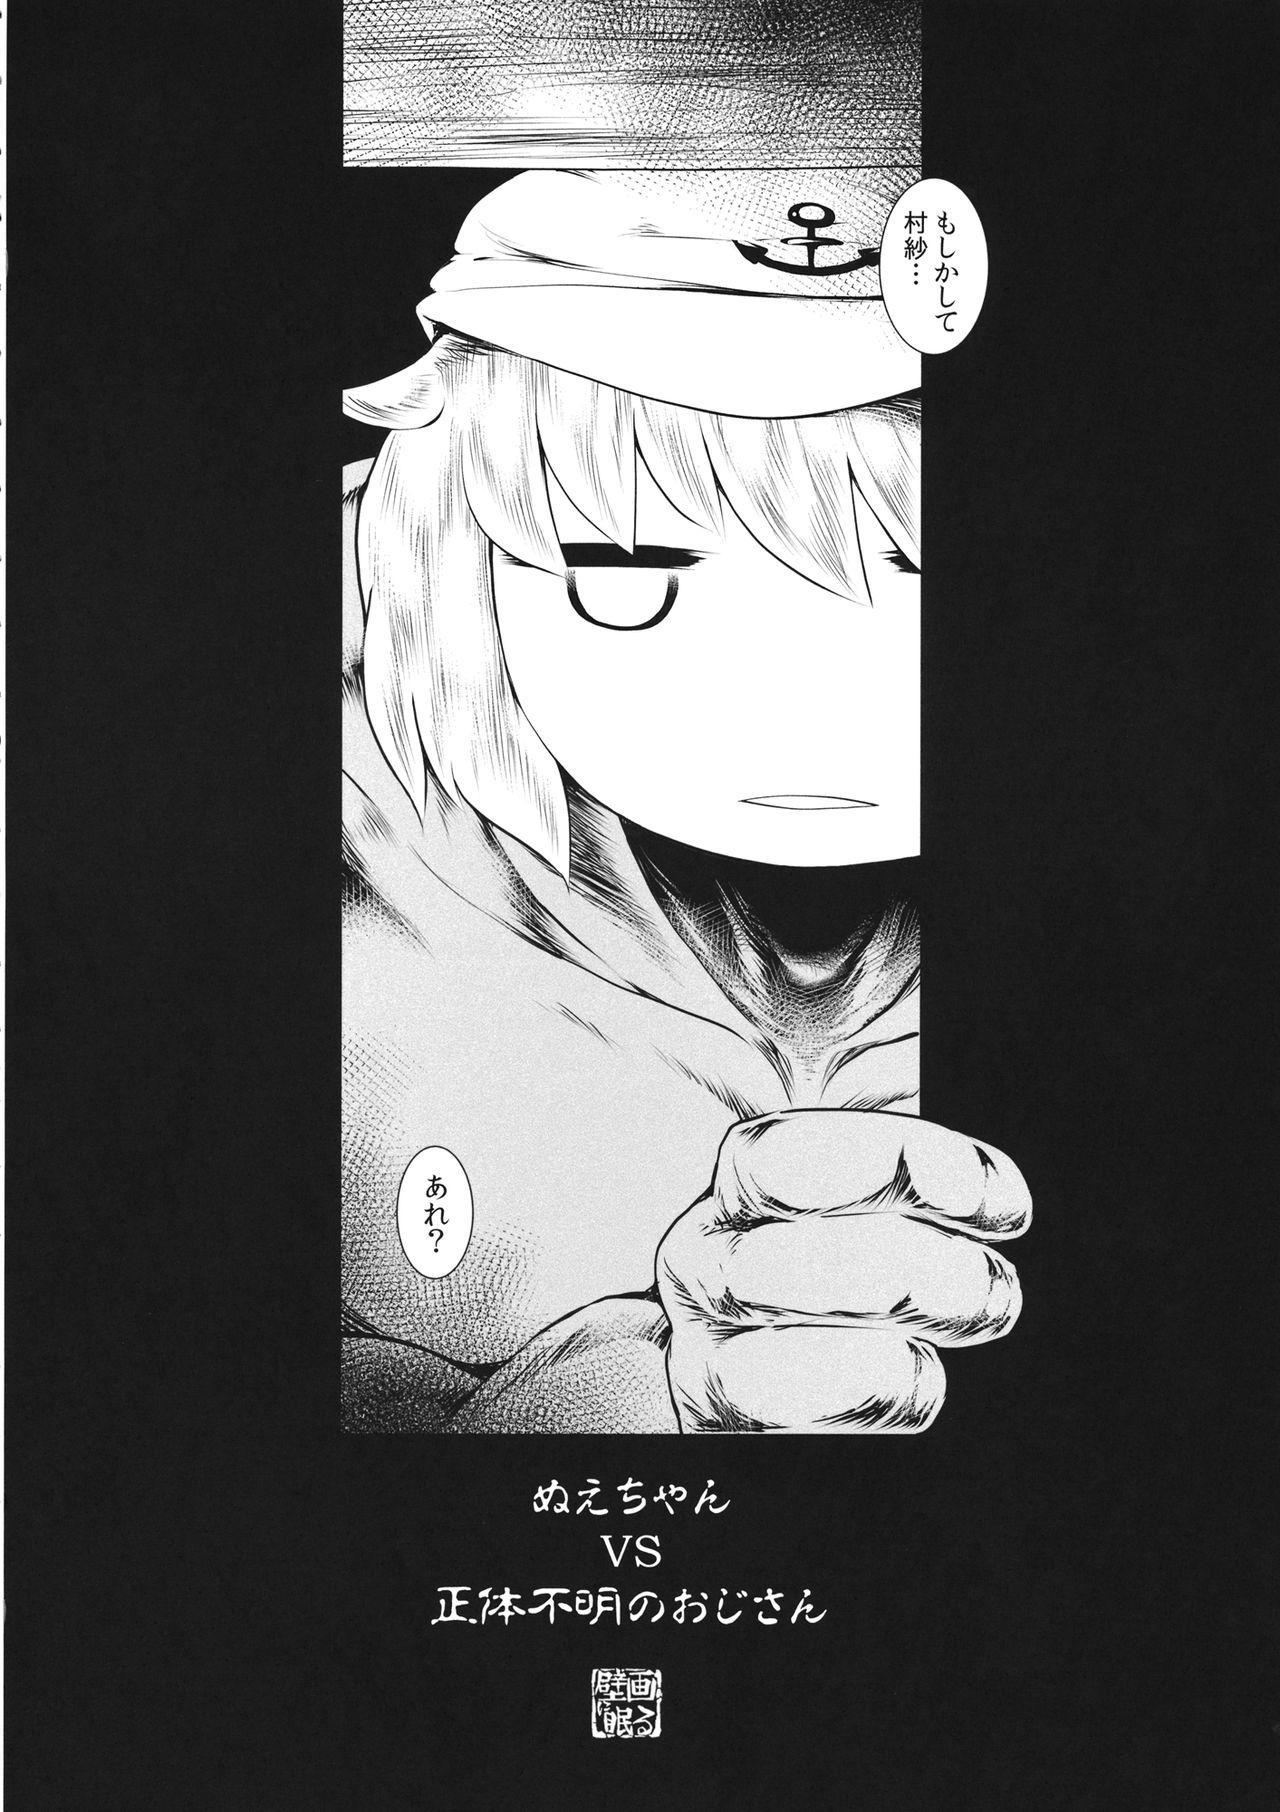 Nue-chan vs Shoutai Fumei no Ojisan 2